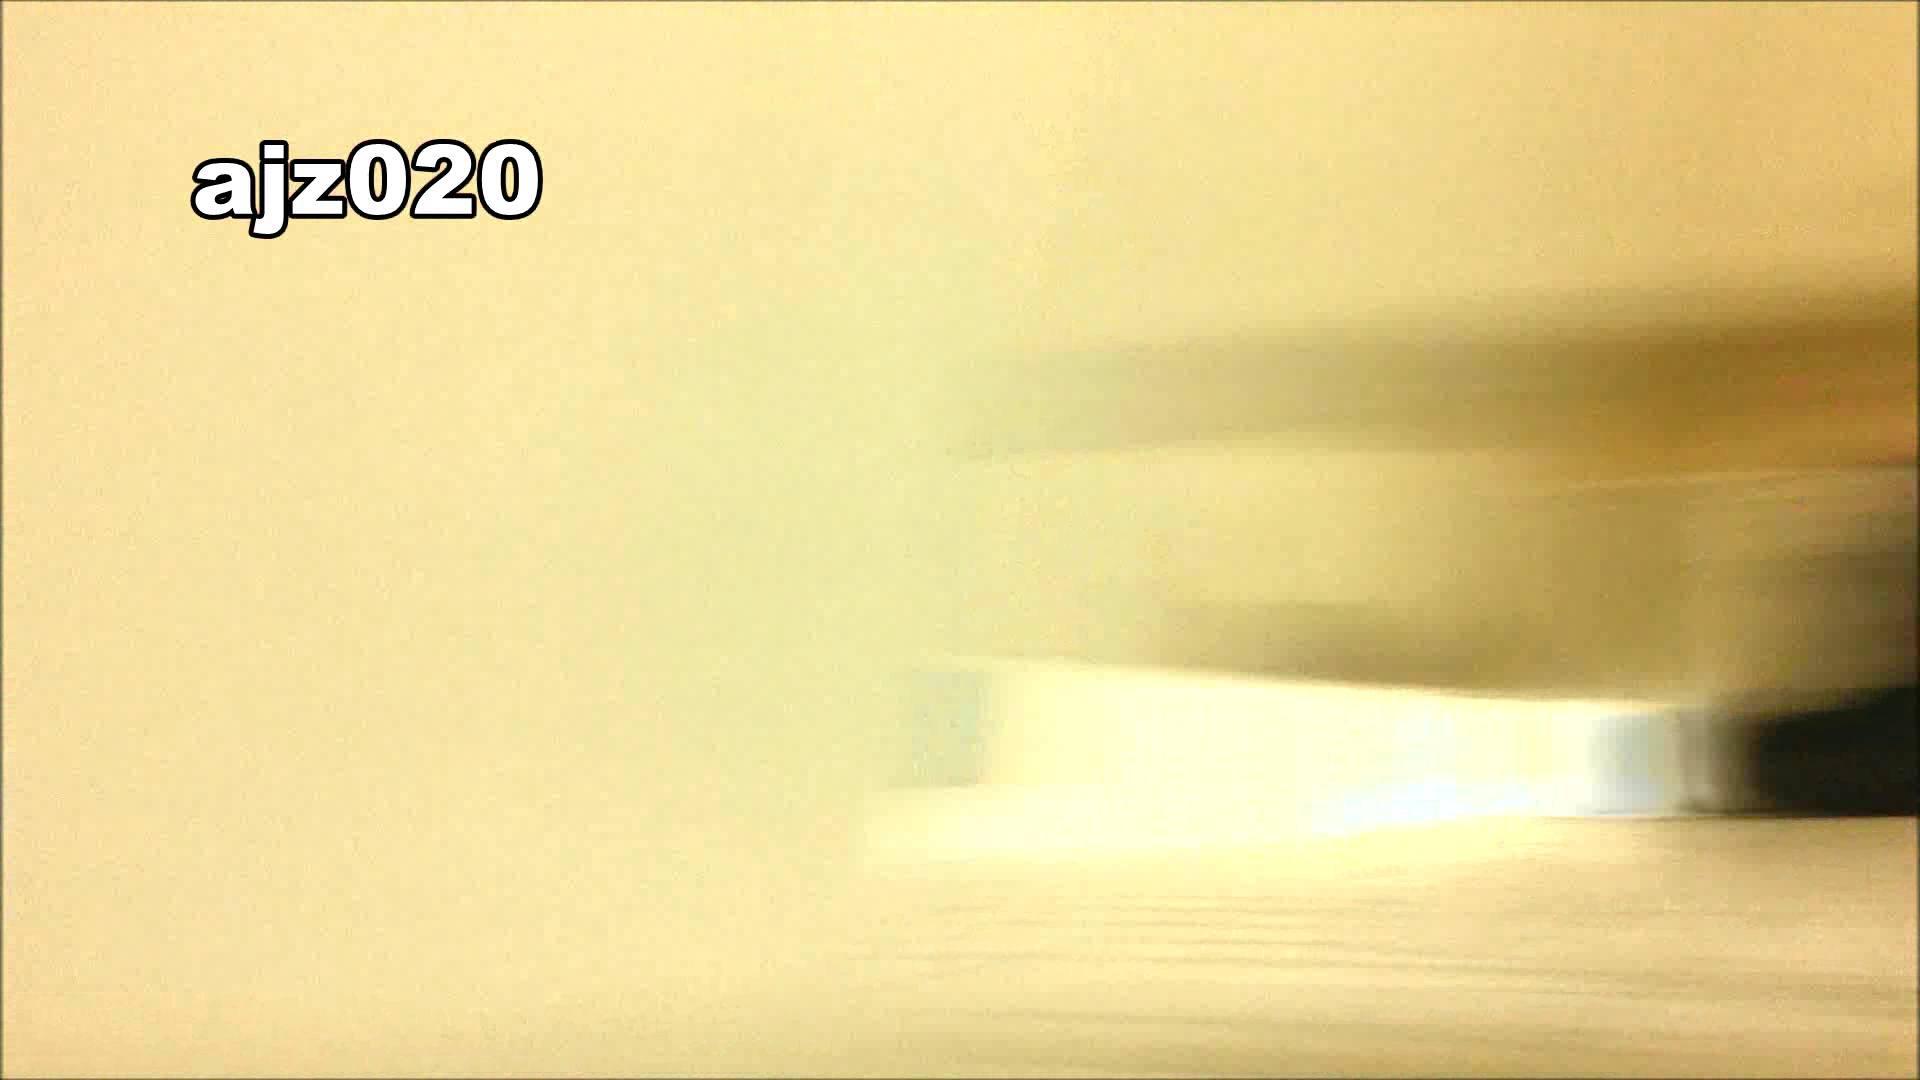 某有名大学女性洗面所 vol.20 投稿 おめこ無修正画像 101枚 62